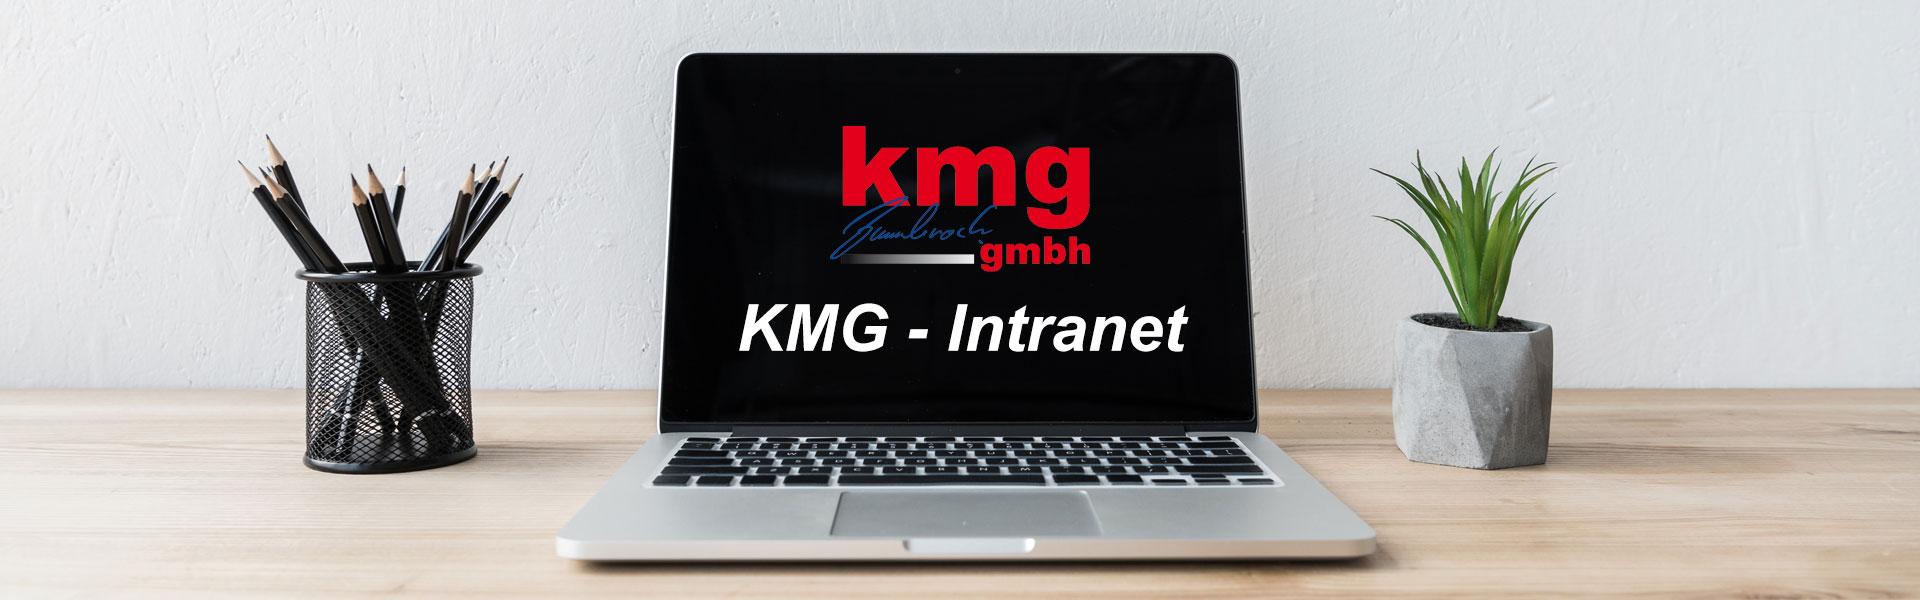 IM KMG-Intranet finden sie alle Preise,Kataloge und Sonderaktionen unserer Küchenlieferanten. Onlinetools wie das innovative Produkt-Navi und der einzigartige Blockverrechner schaffen ihnen einen Vorteil im Wettbewerb mit anderen Küchenstudios